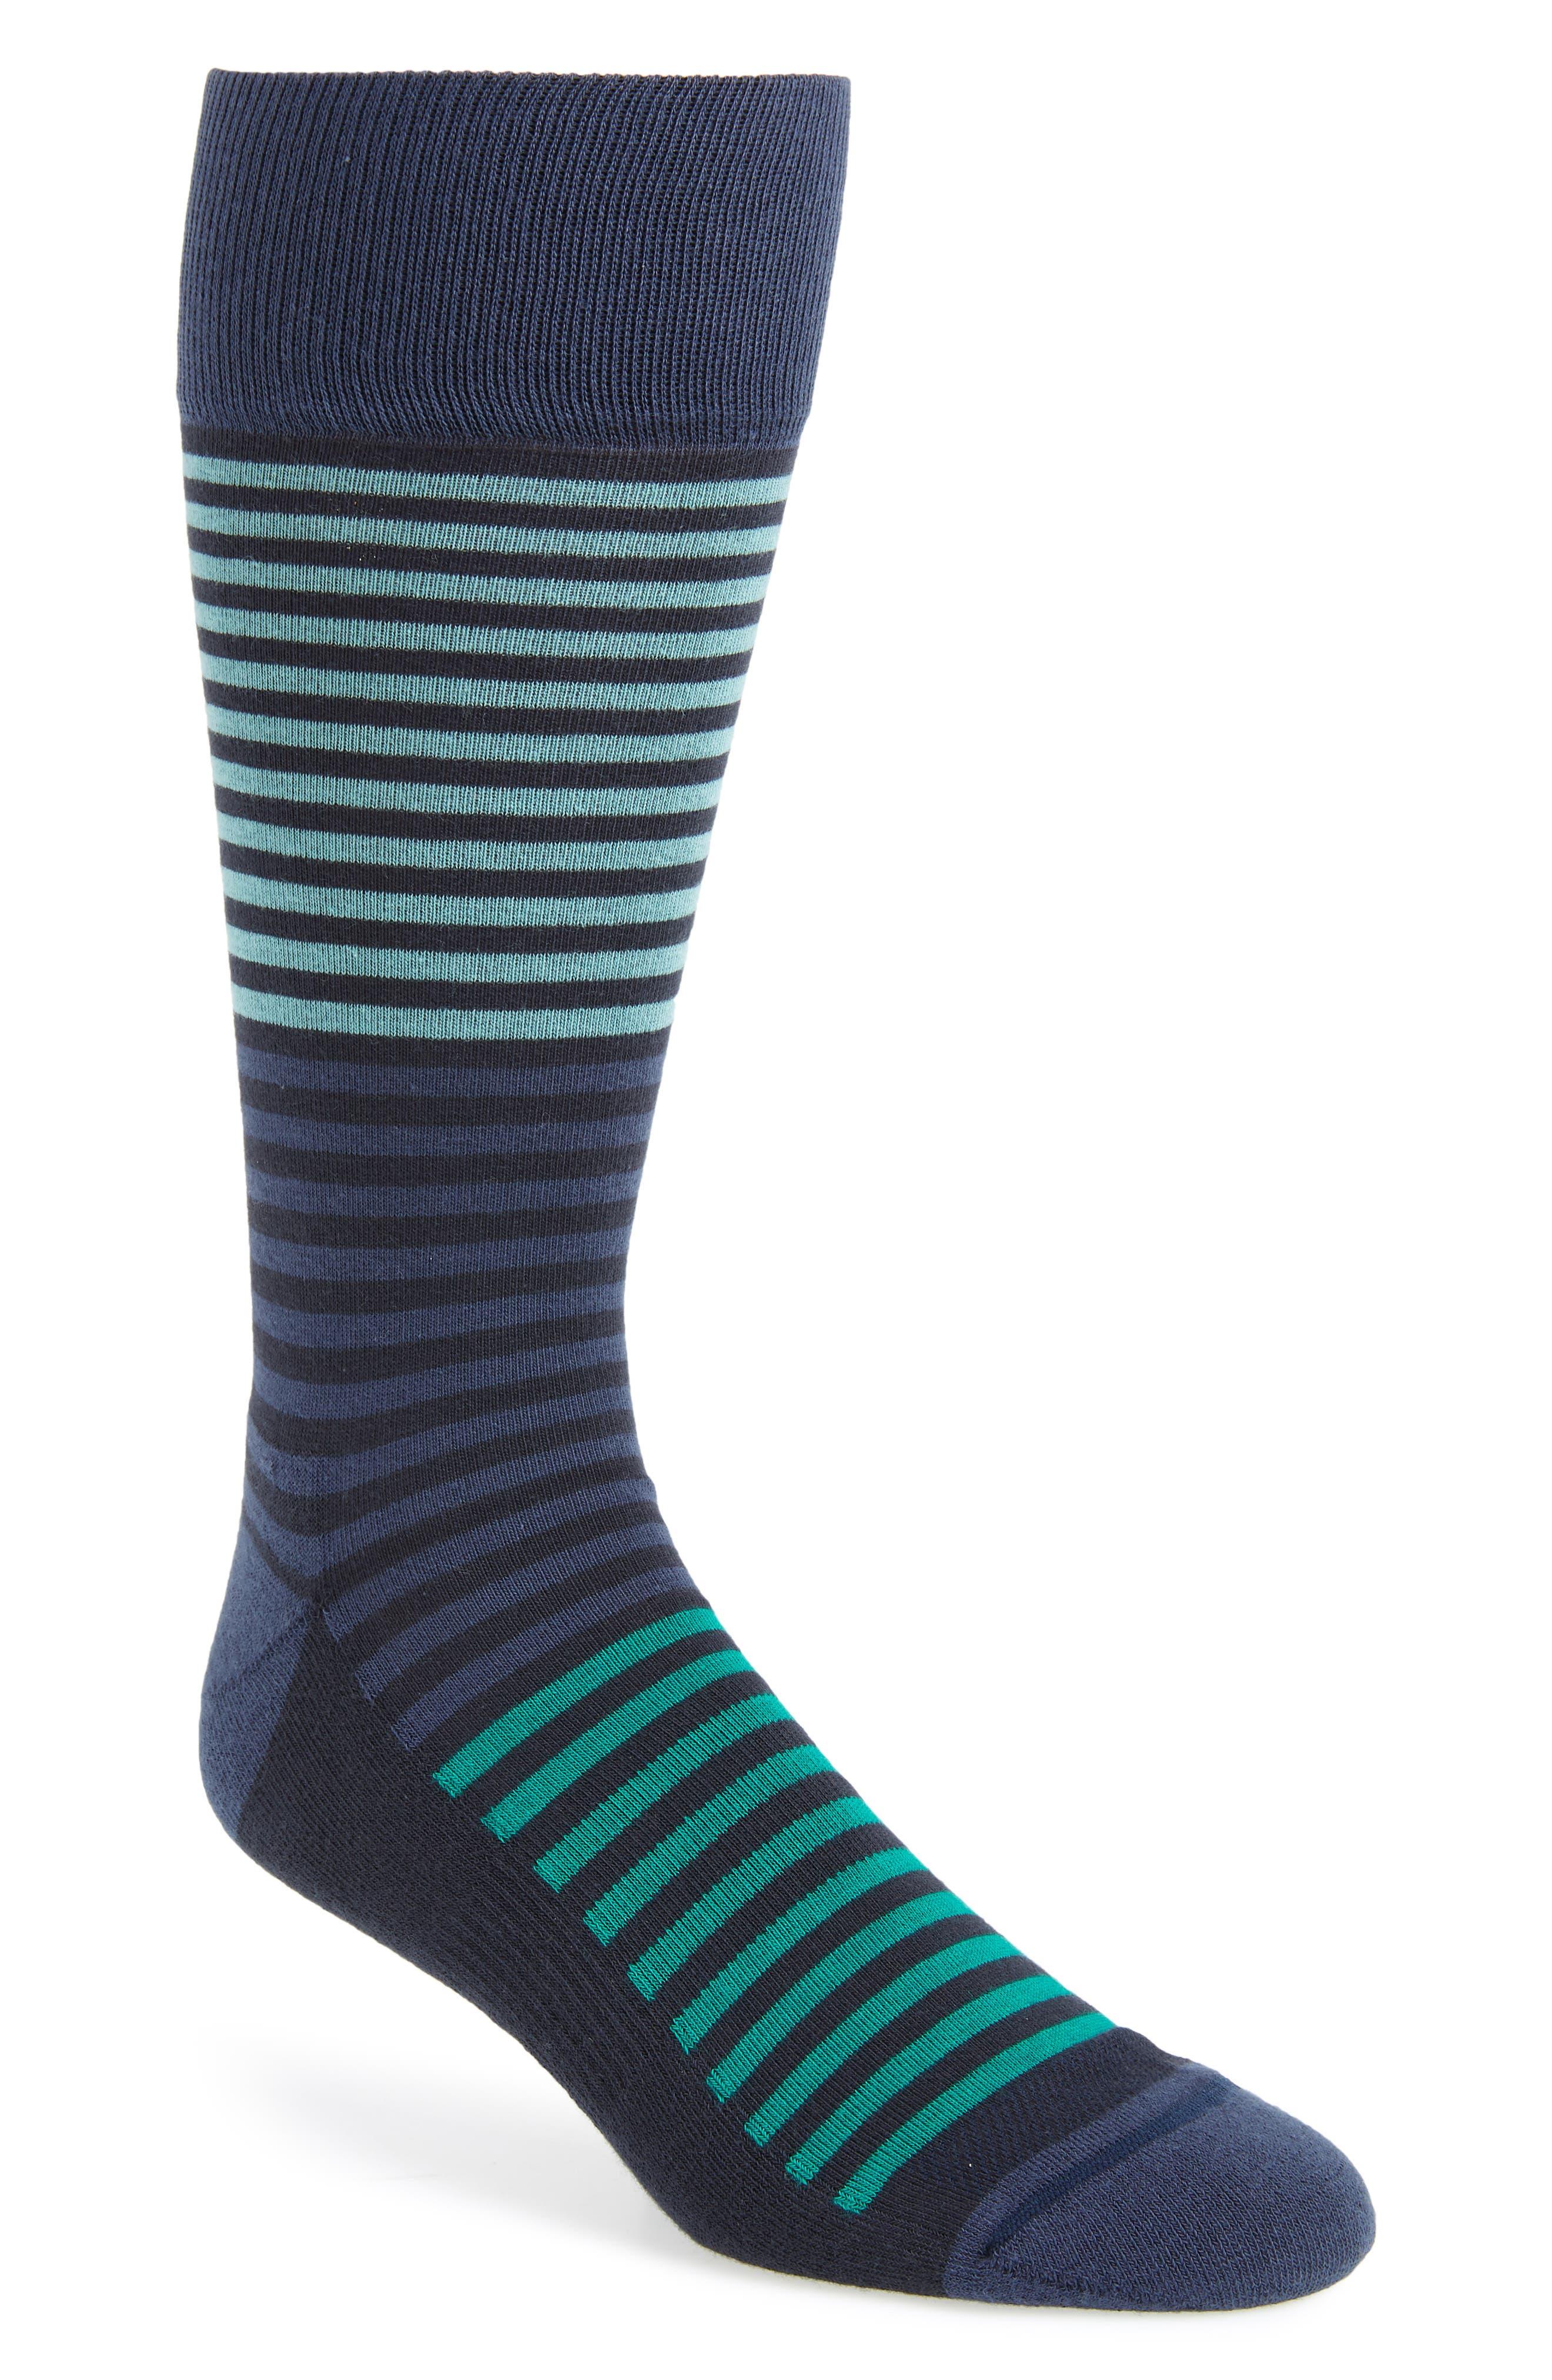 Stripe Socks,                         Main,                         color, NAVY/ GREEN